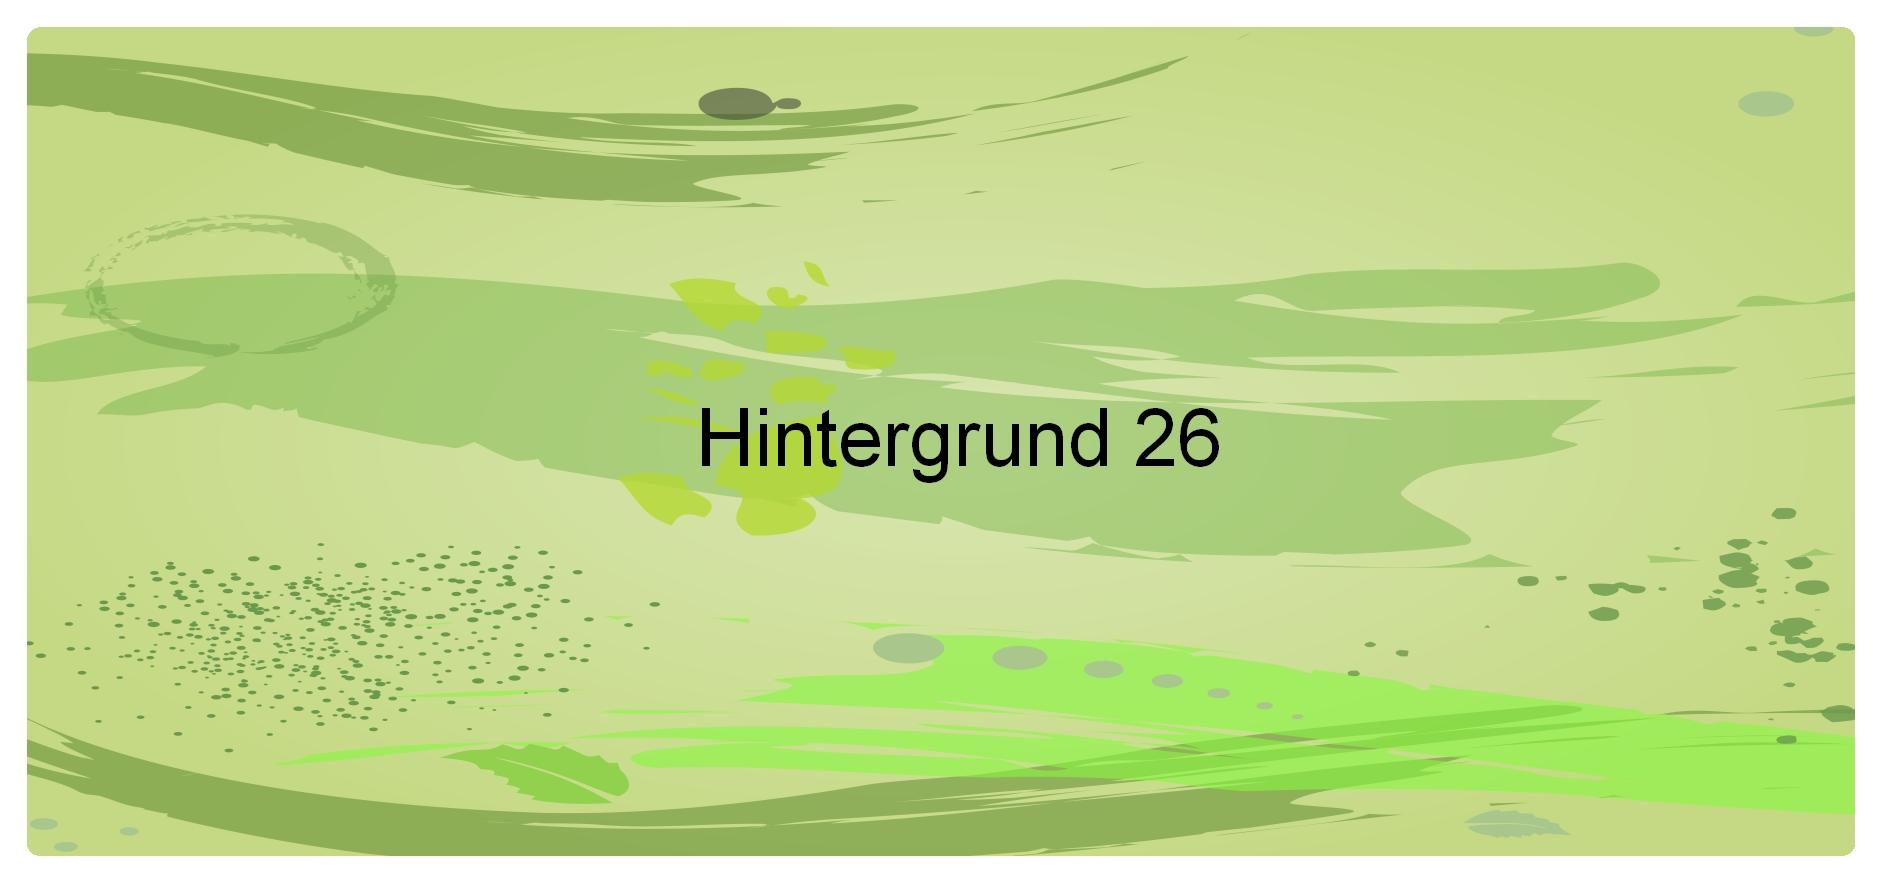 Hintergrund 26